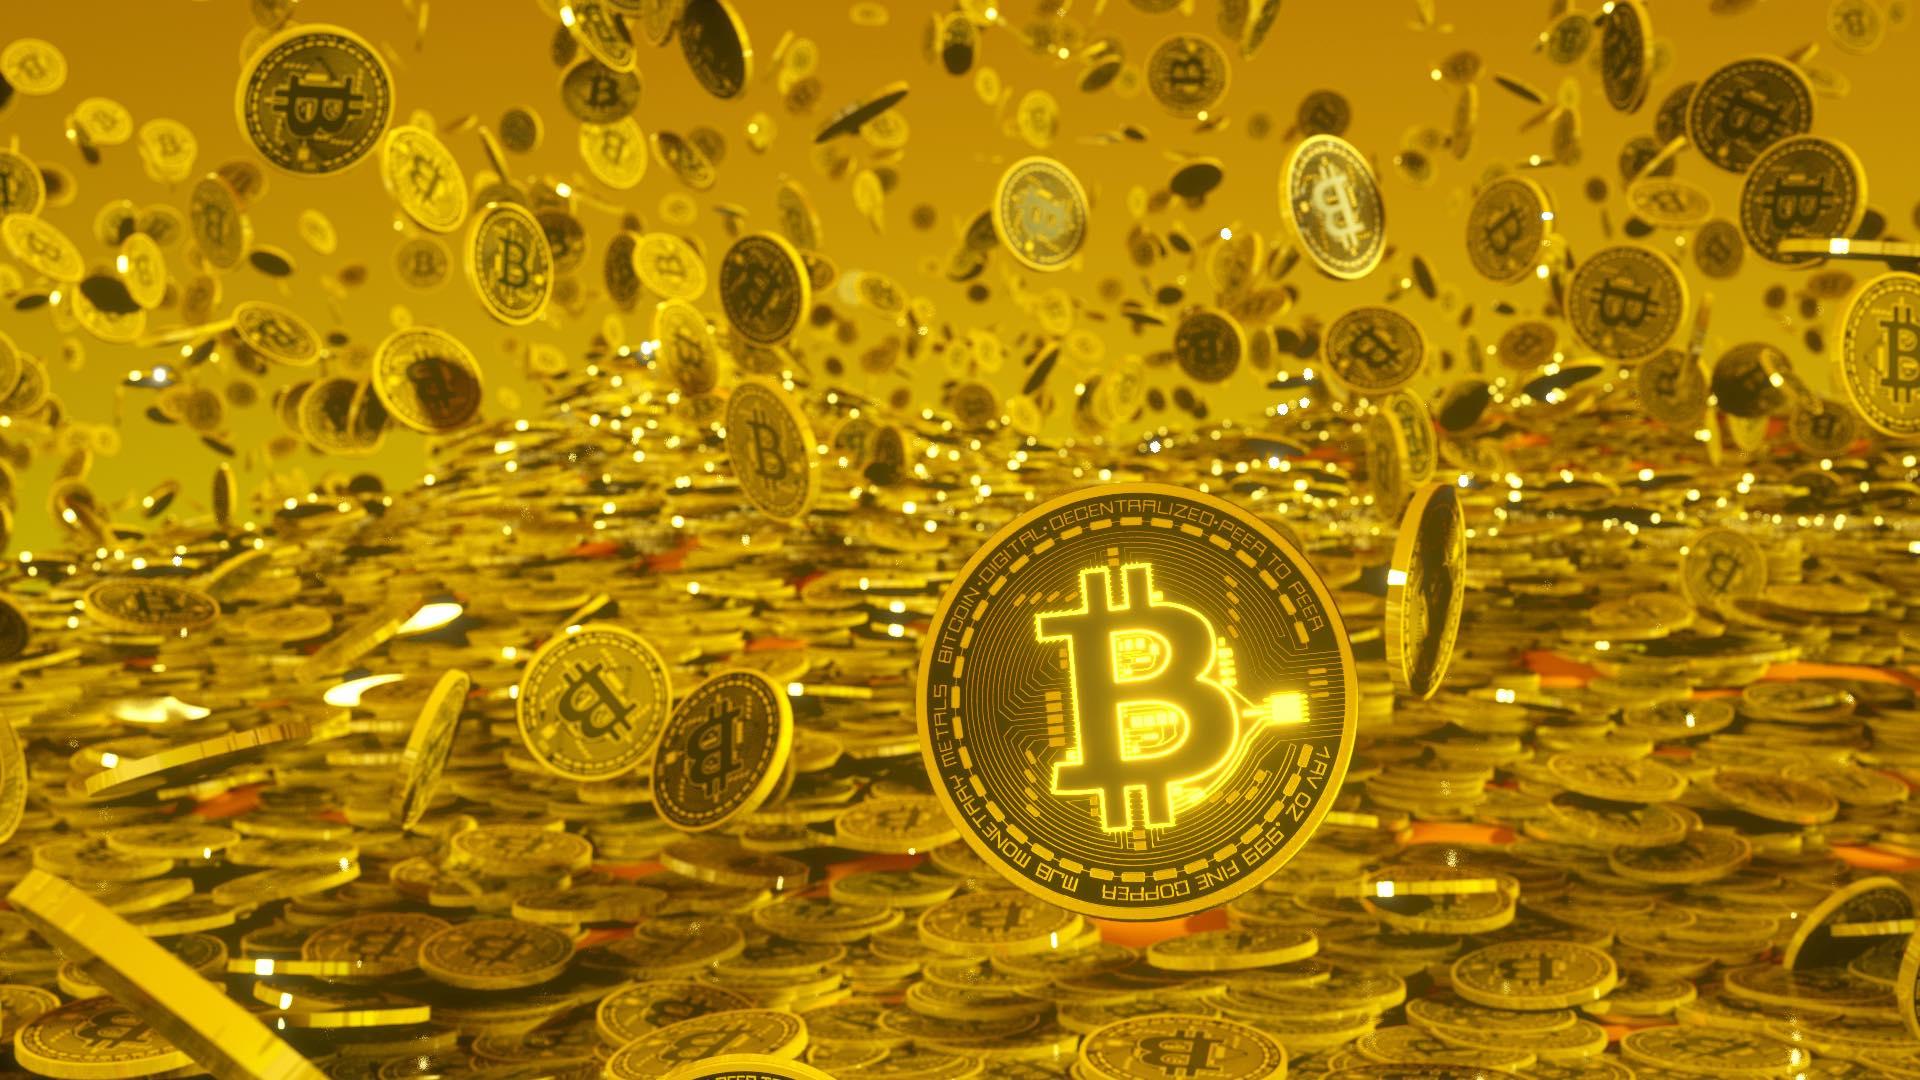 Alors que les critiques sur la consommation énergétique du bitcoin sont de plus en plus vocales, des sociétés de minage ont décidé de former un Conseil du minage du bitcoin pour promouvoir de meilleures pratiques. L'entité a tenu son premier point su